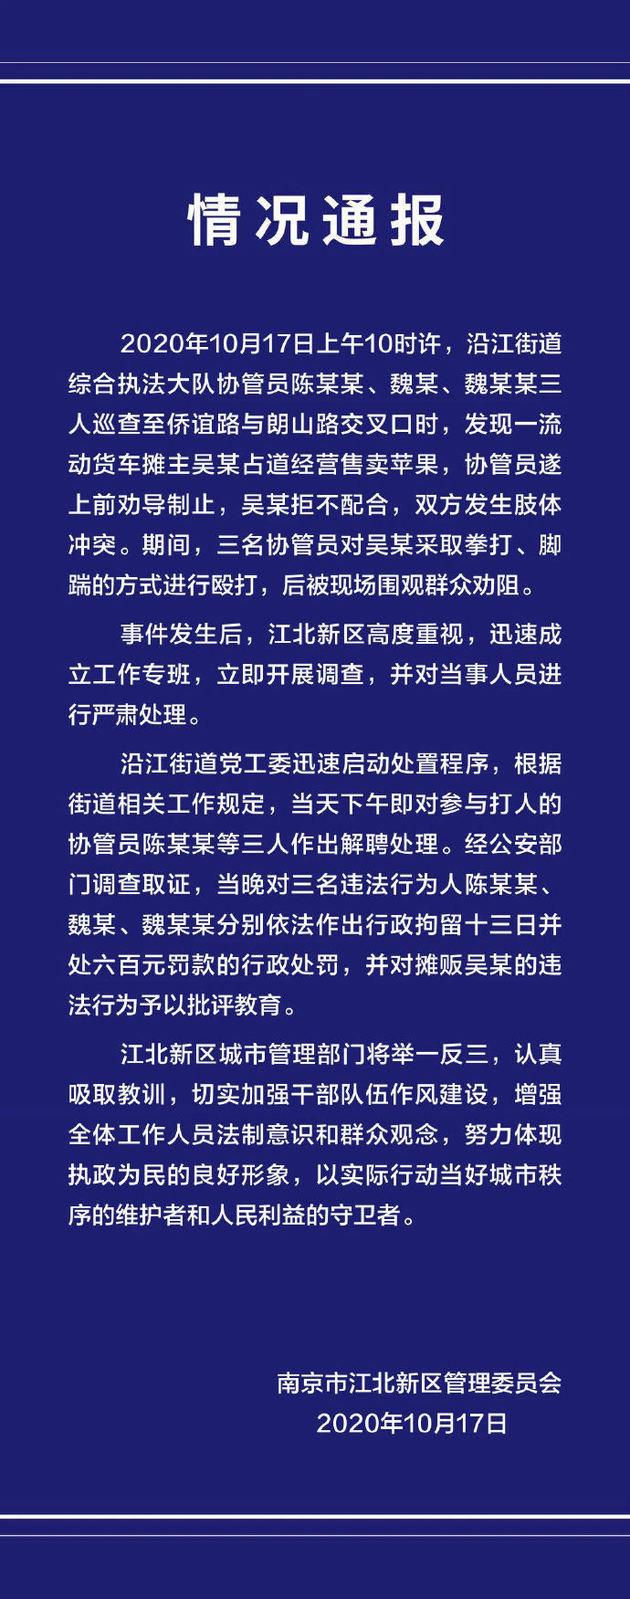 《【摩登2品牌】南京三名协管员当街殴打摊贩!最新通报来了》